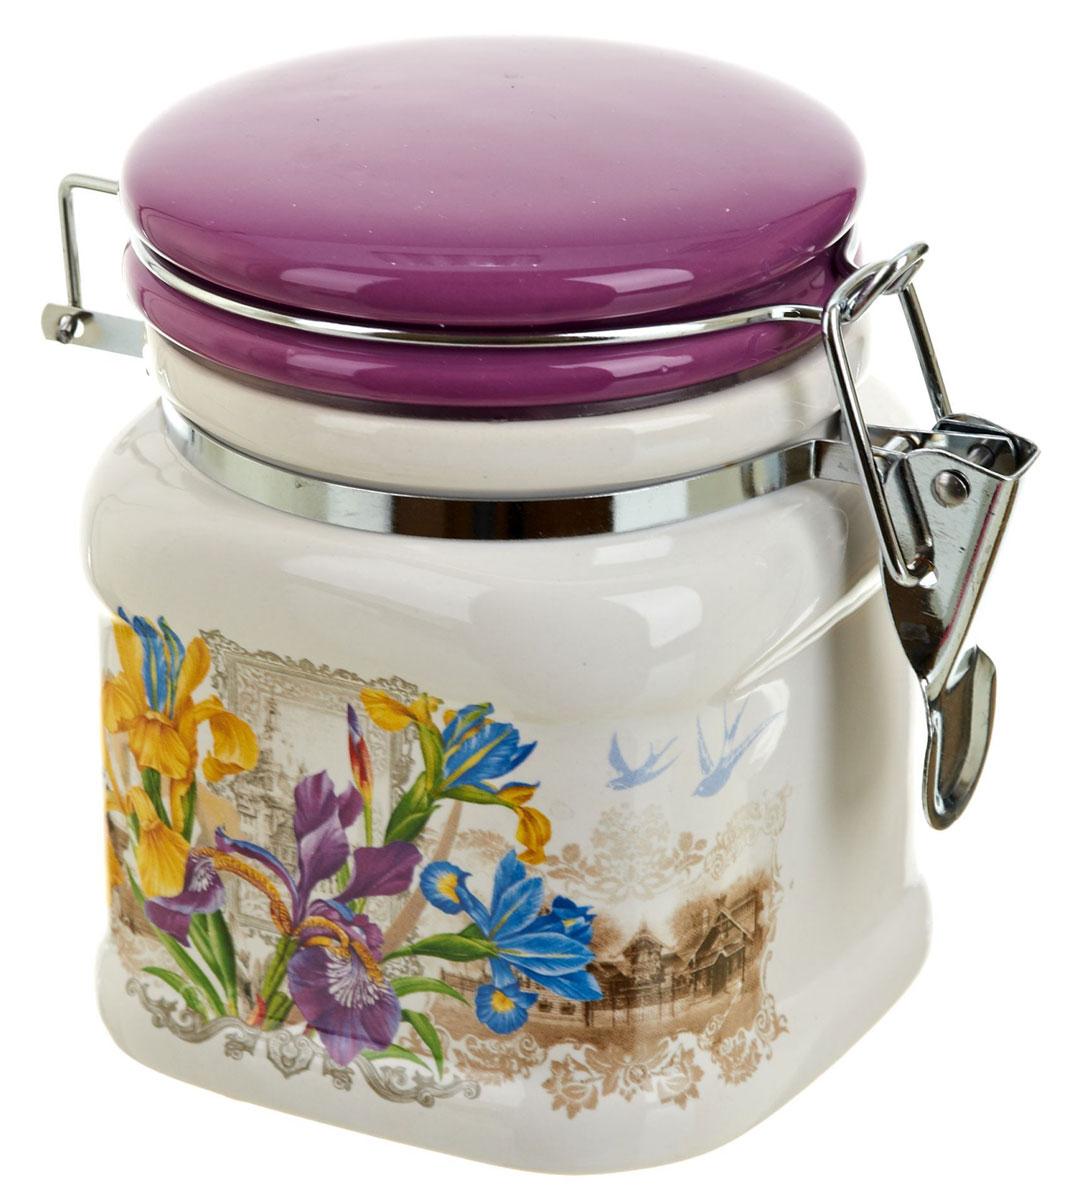 Банка для сыпучих продуктов Nouvelle De France Ирис, 500 мл0660025Банка для сыпучих продуктов изготовлена из прочной доломитовой керамики, покрытой слоем сверкающей гладкой глазури. Изделие оформлено красочным изображением. Банка прекрасно подойдет для хранения различных сыпучих продуктов: чая, кофе, сахара, круп и многого другого. Благодаря силиконовой прослойке и бугельному замку, крышка герметично закрывается, что позволяет дольше сохранять продукты свежими. Изящная емкость не только поможет хранить разнообразные сыпучие продукты, но и стильно дополнит интерьер кухни. Изделие подходит для использования в посудомоечной машине и в холодильнике.